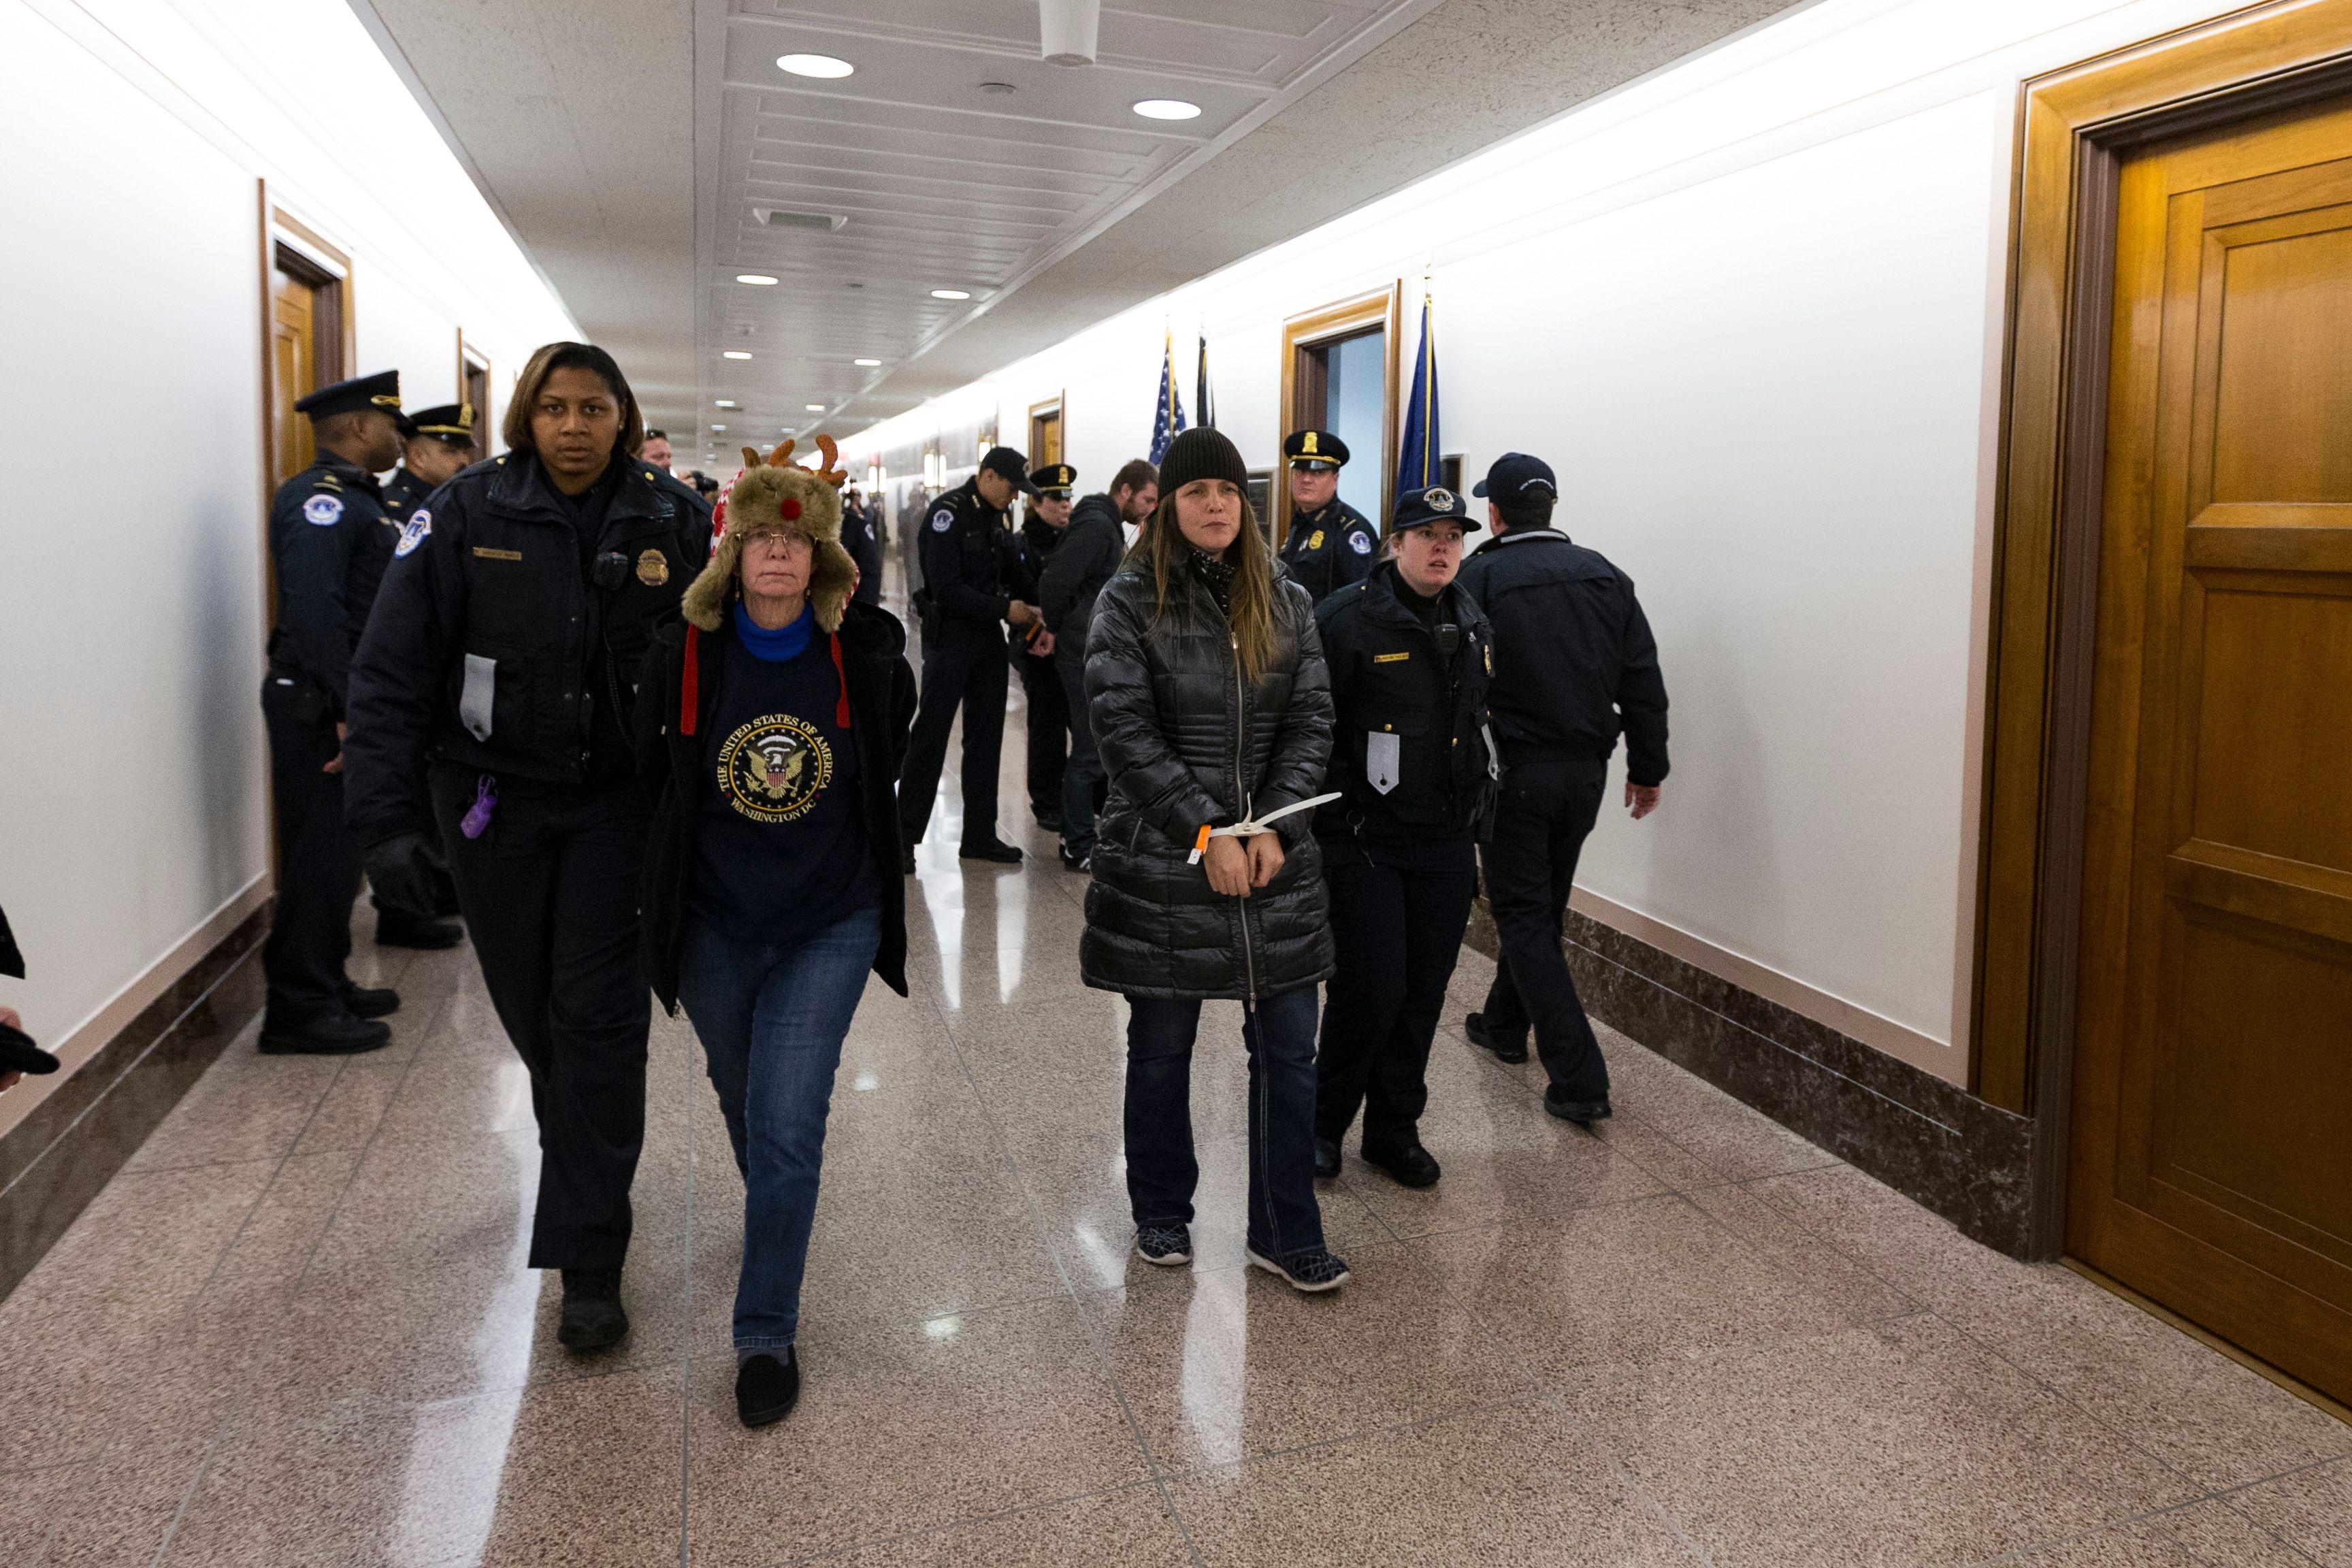 معارضون لقانون الإصلاح الضريبى ورجال الشرطة الأمريكية